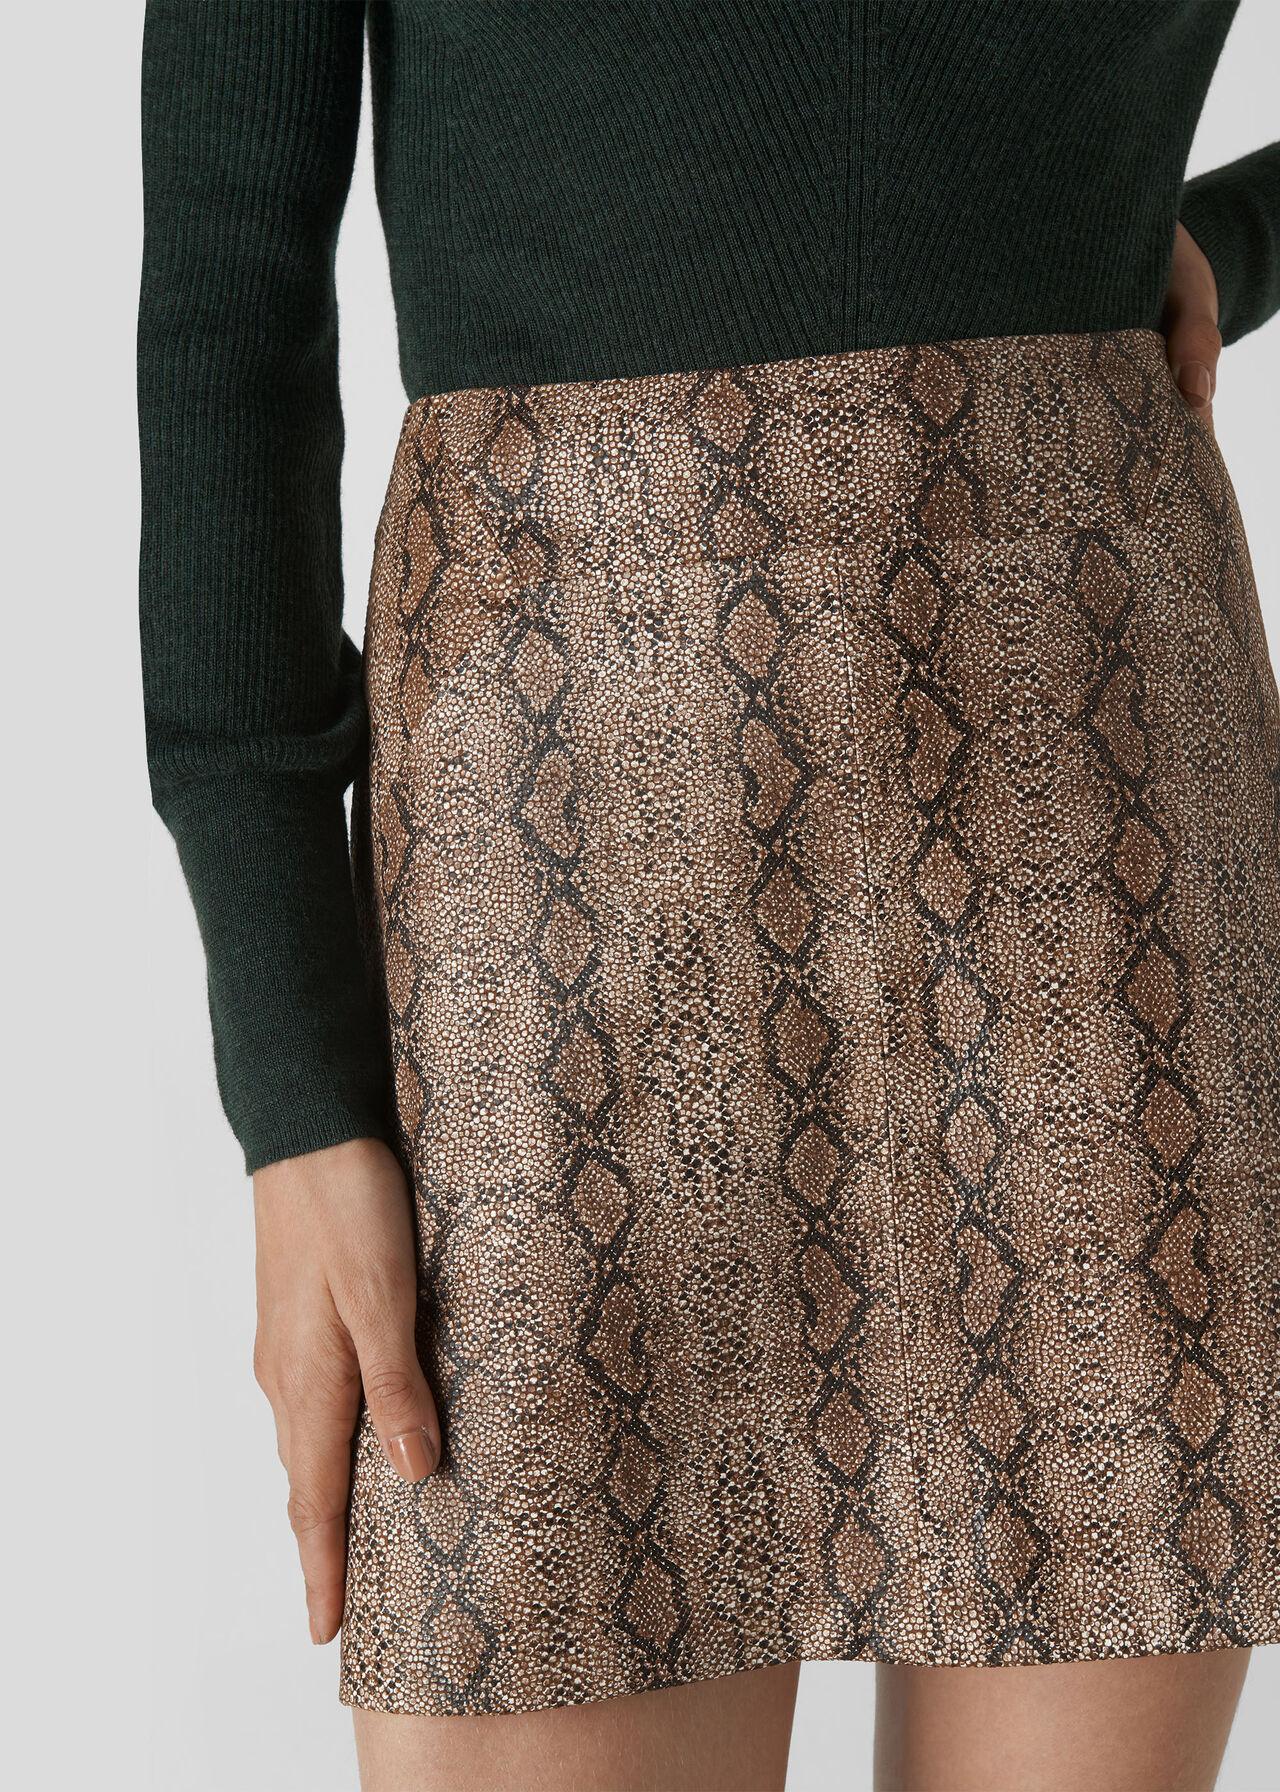 Snake Leather Aline Skirt Snake Print